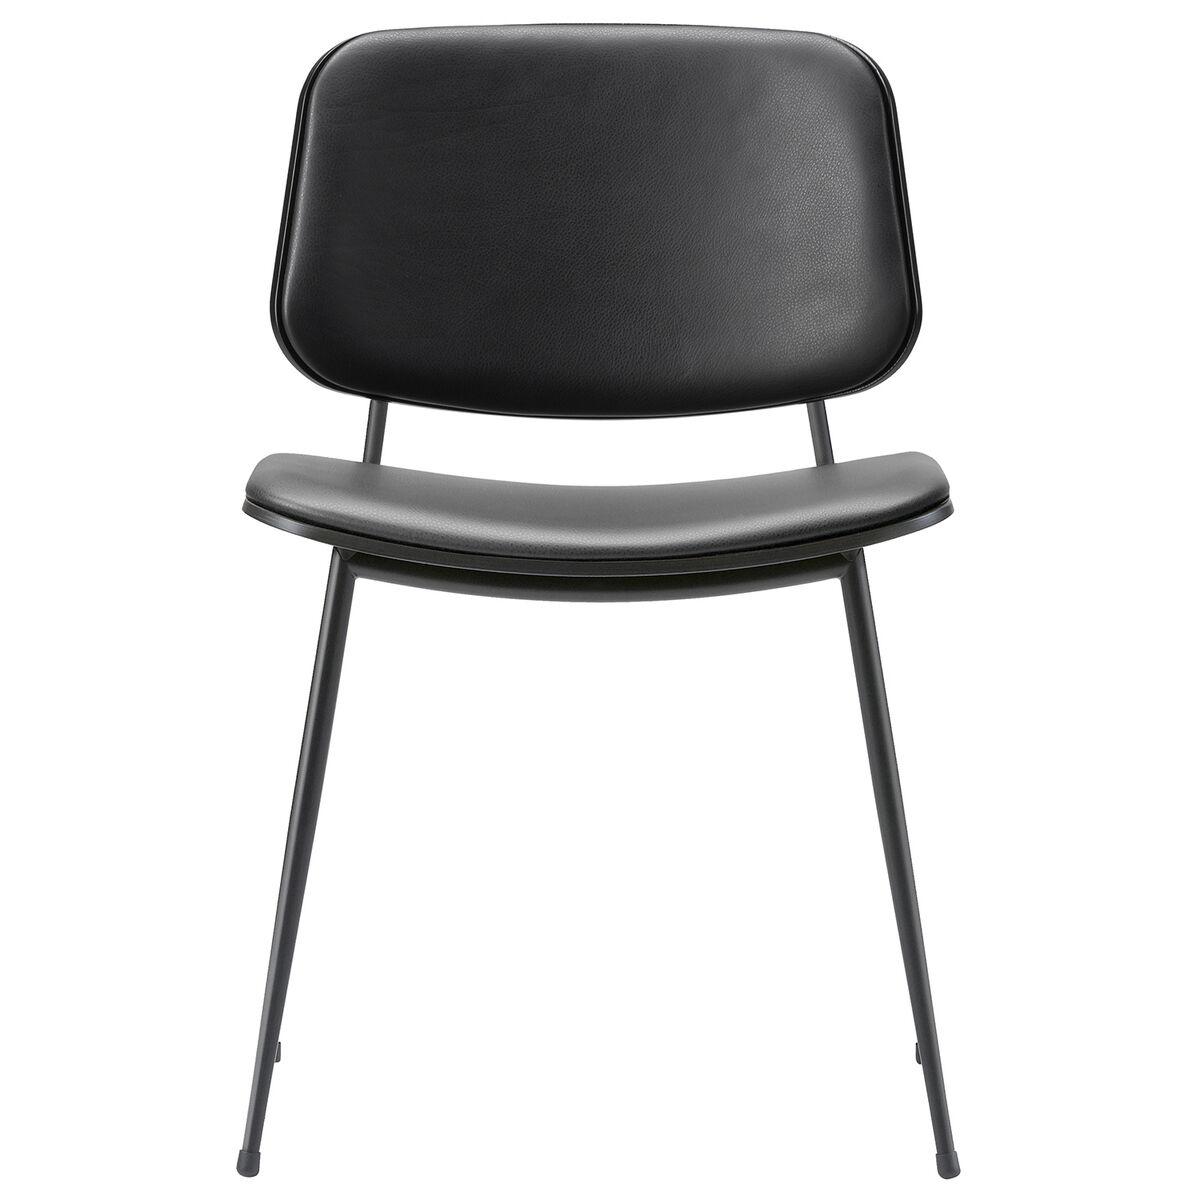 Fredericia S�borg tuoli 3062, musta ter�srunko, musta tammi - musta nahka